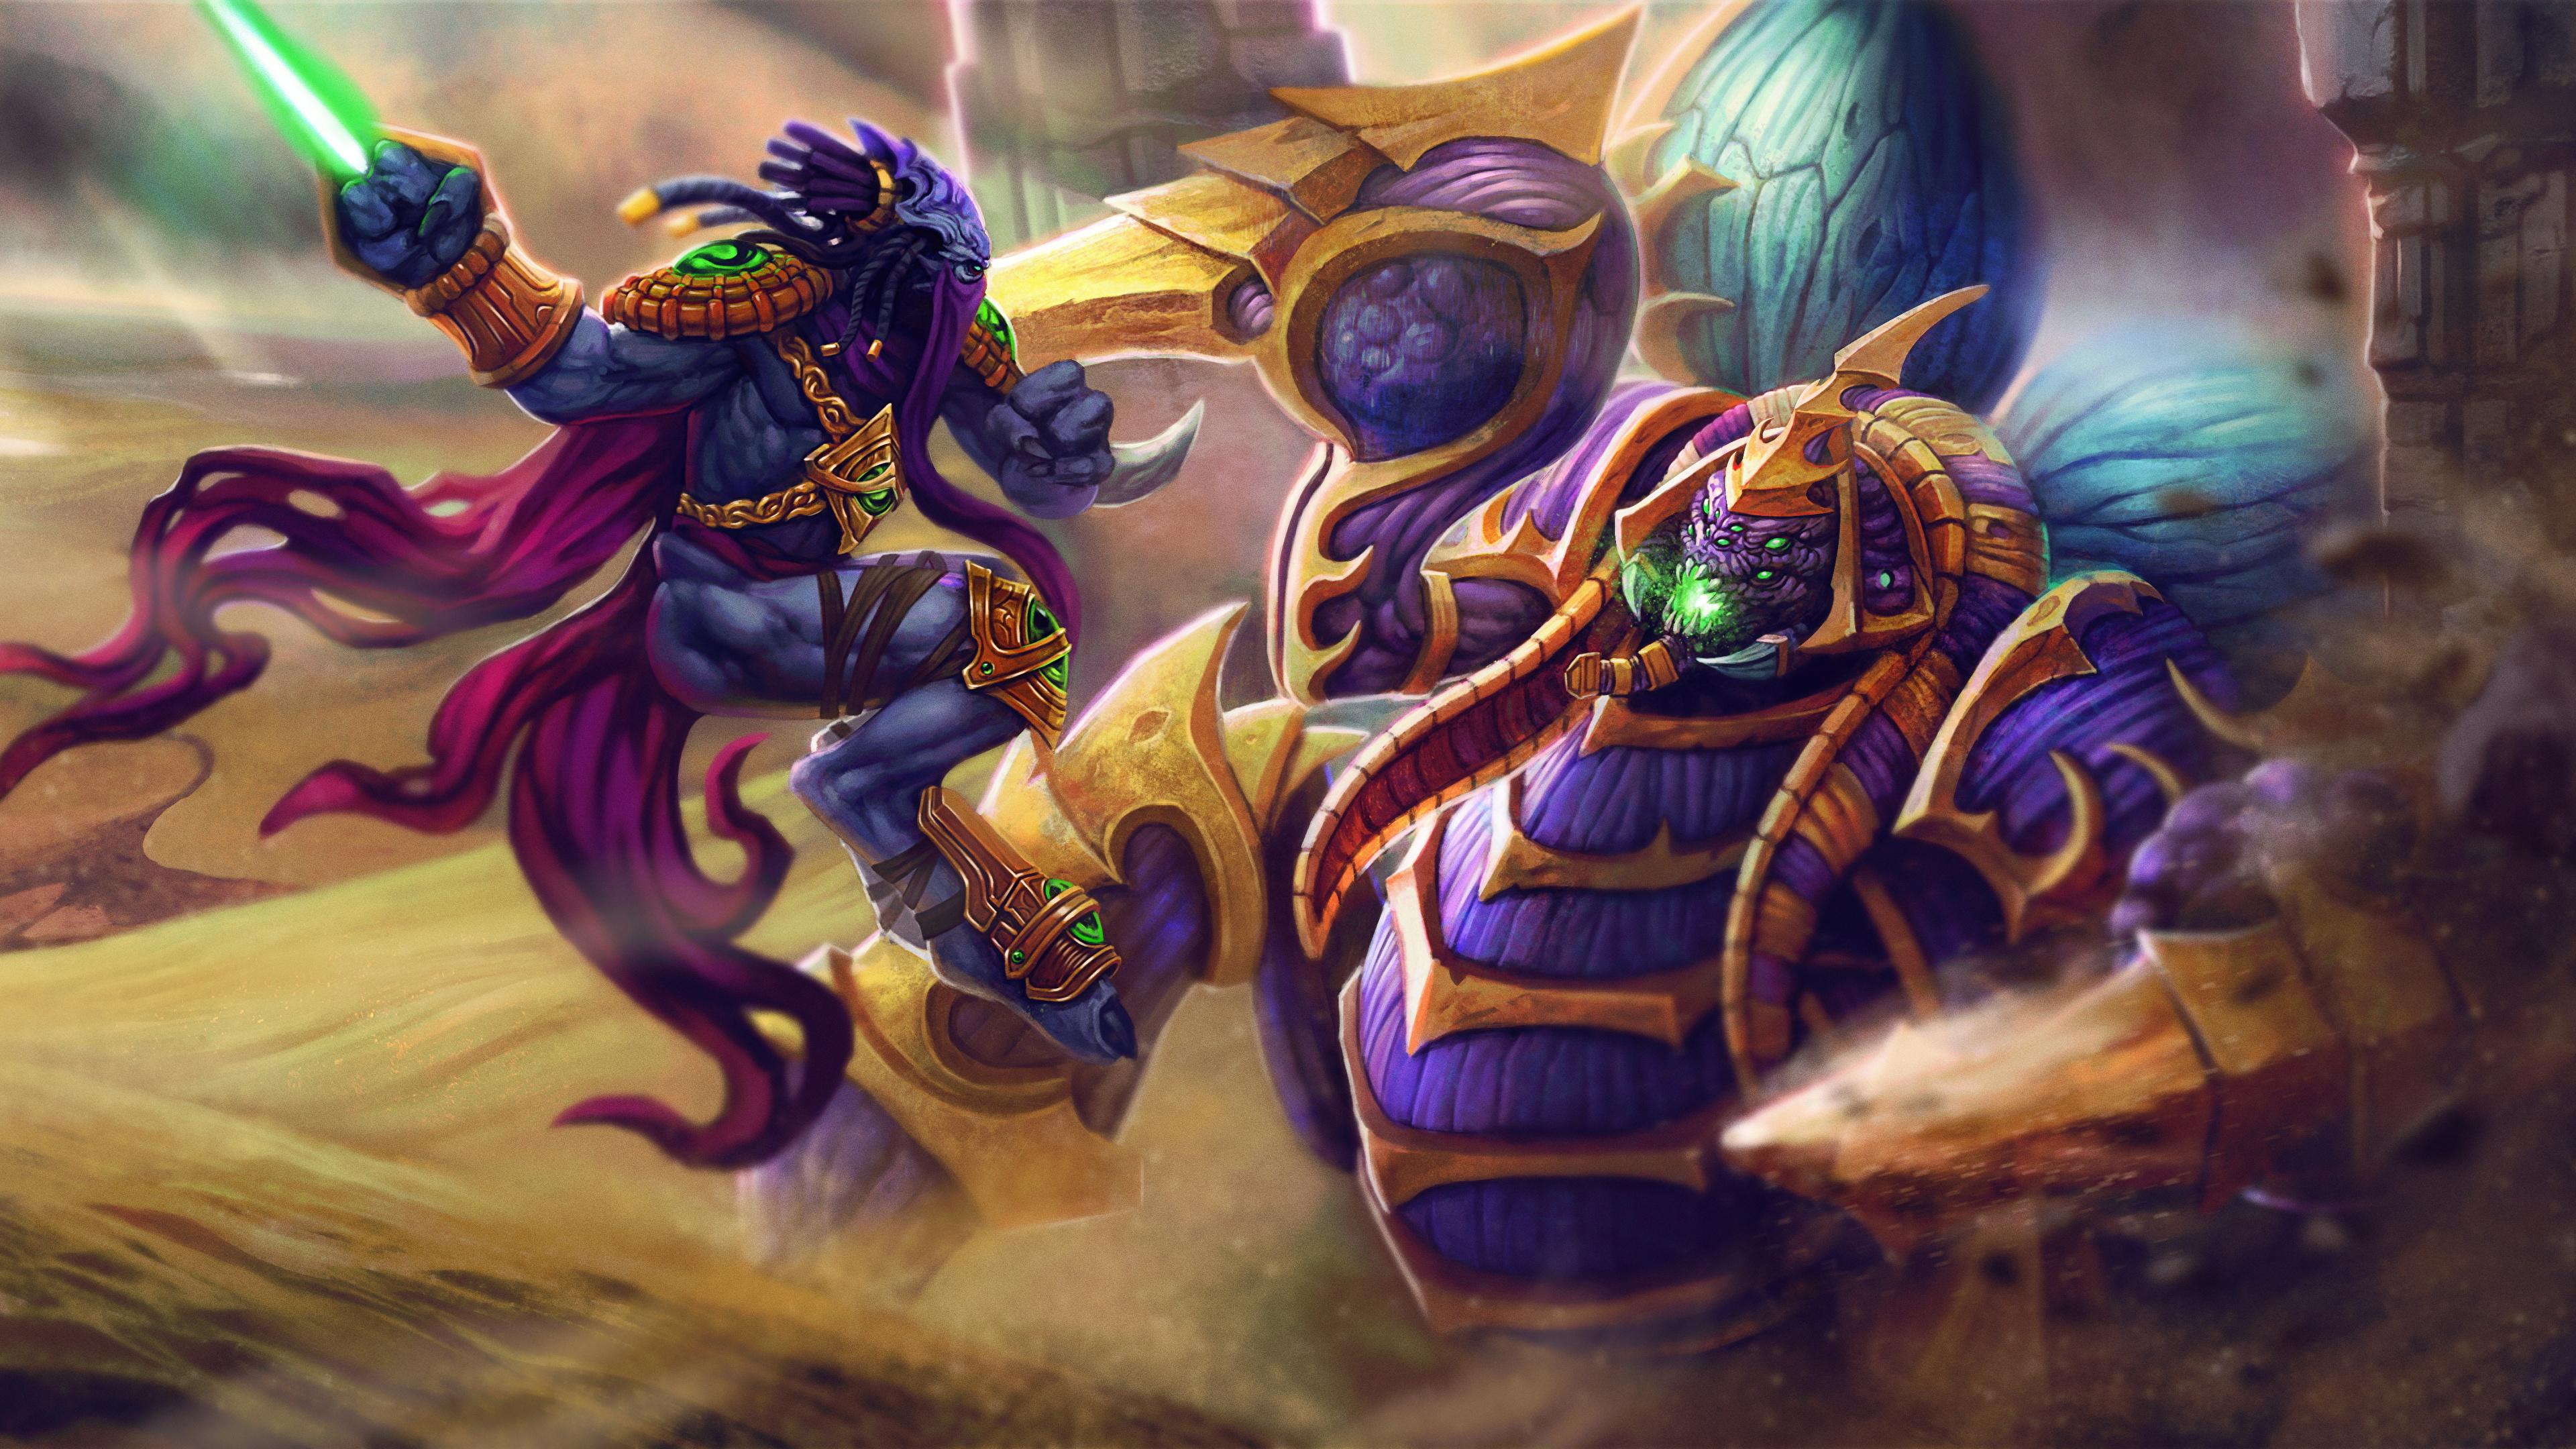 Fondos De Pantalla 3840x2160 Heroes Of The Storm Guerrero